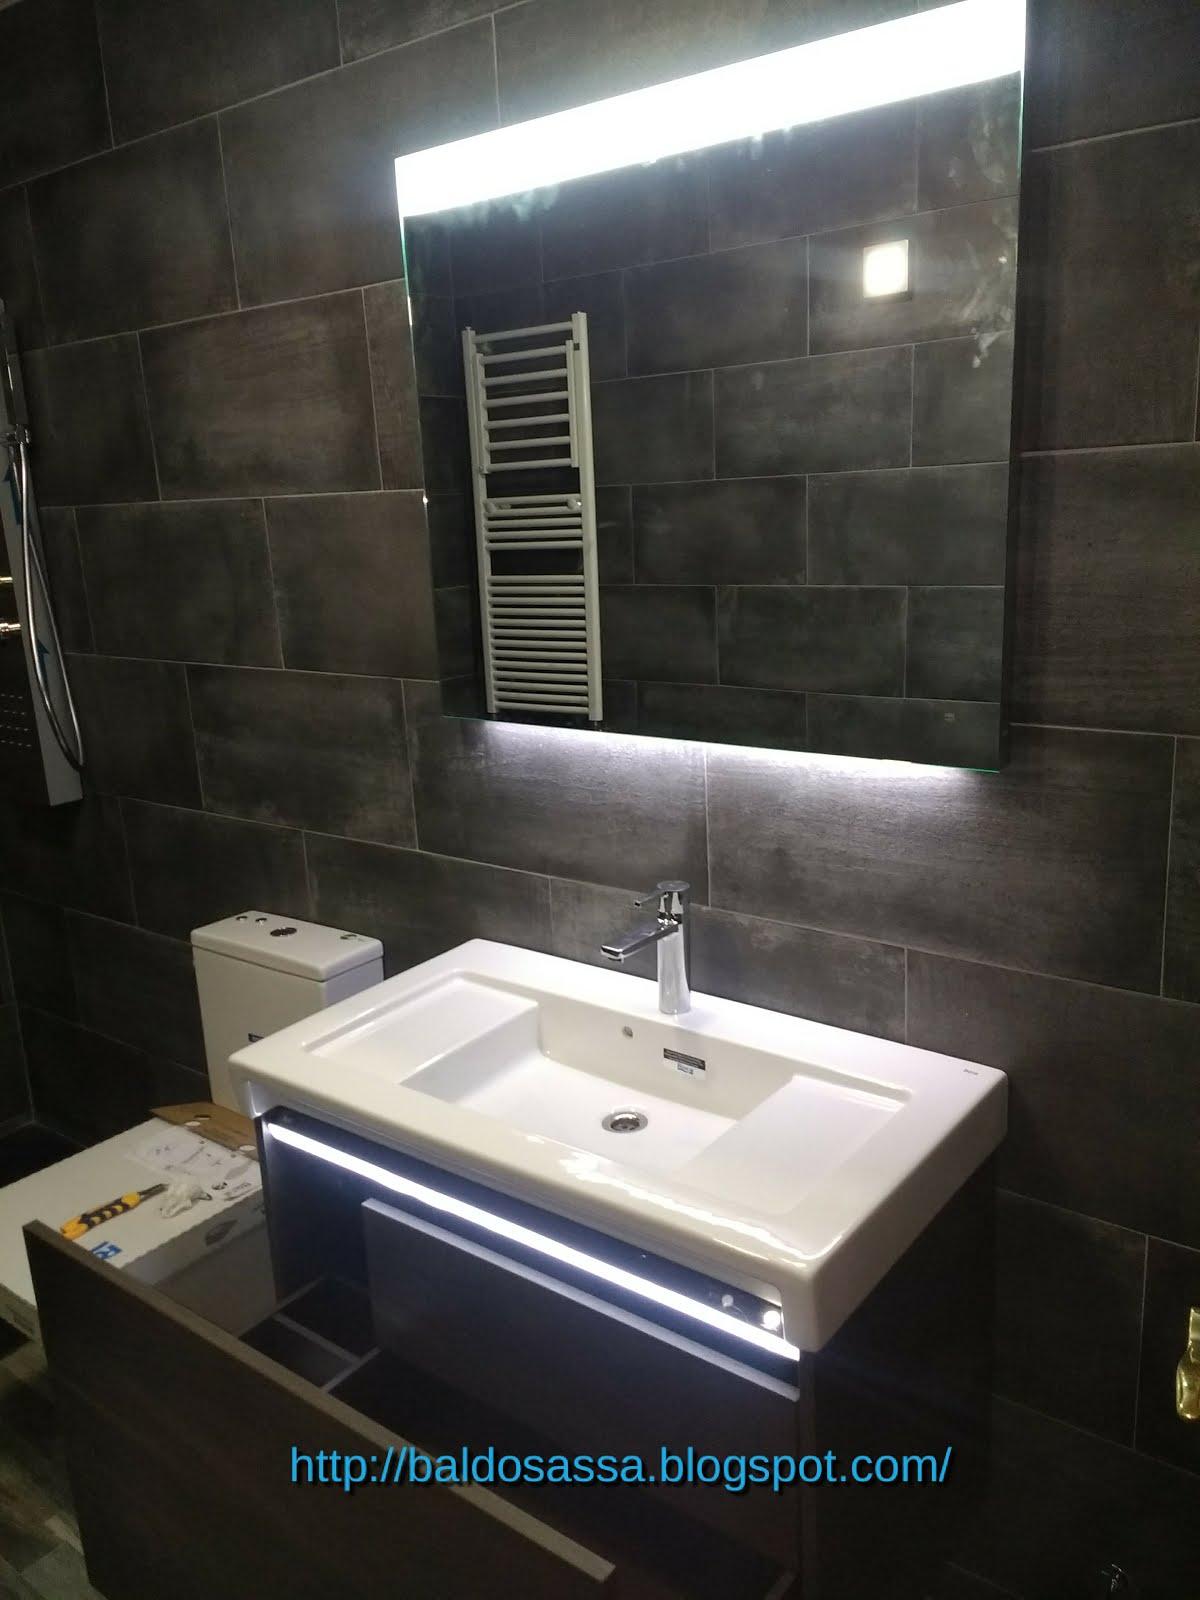 Mueble lavabo con luz , radio y conexión bluetooth